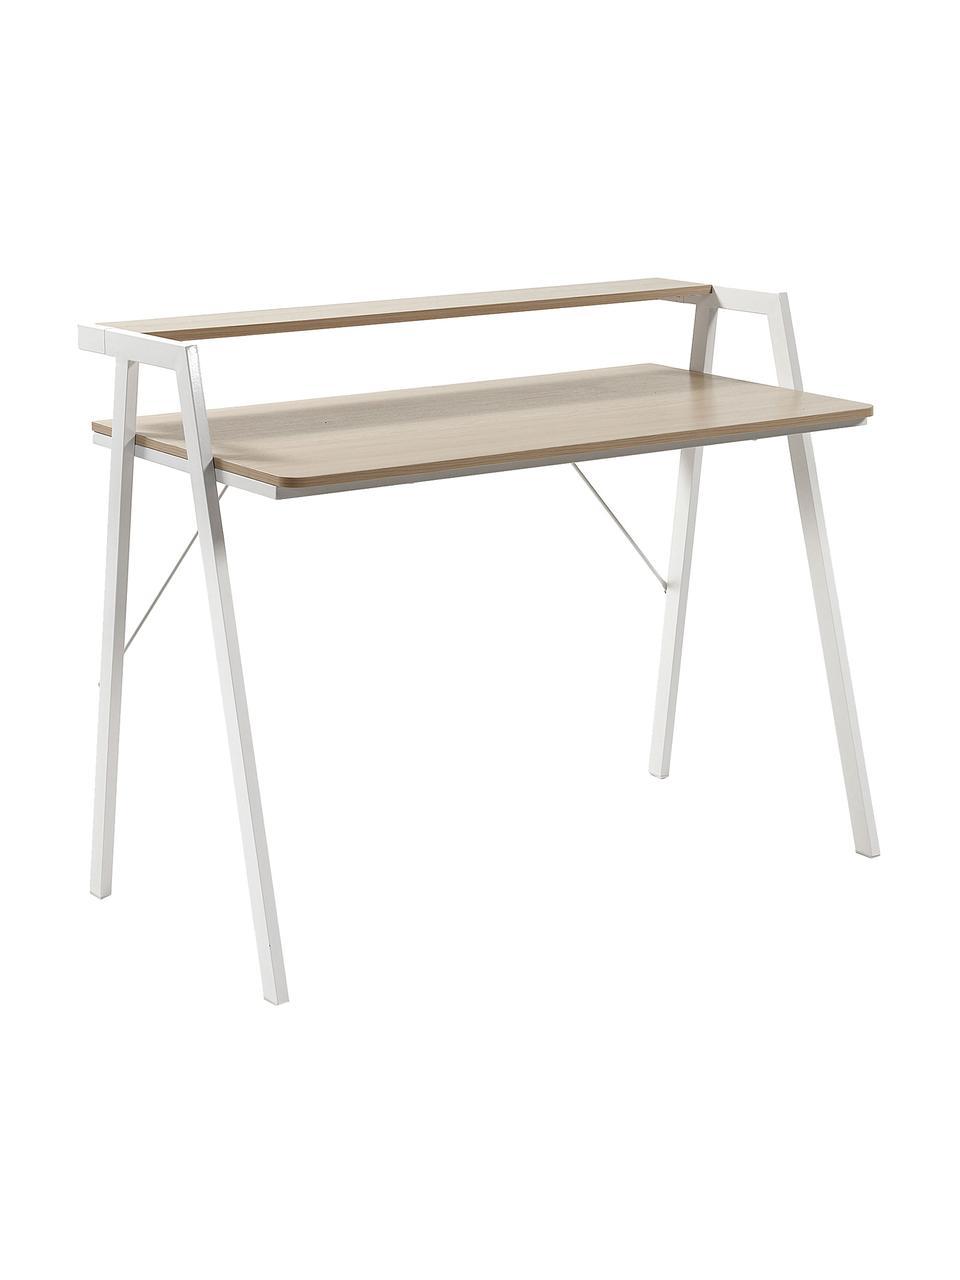 Schreibtisch  Alanna aus Eichenholz, Tischplatte: Mitteldichte Holzfaserpla, Gestell: Metall, lackiert, Eichenholz, Weiß, B 115 x T 60 cm